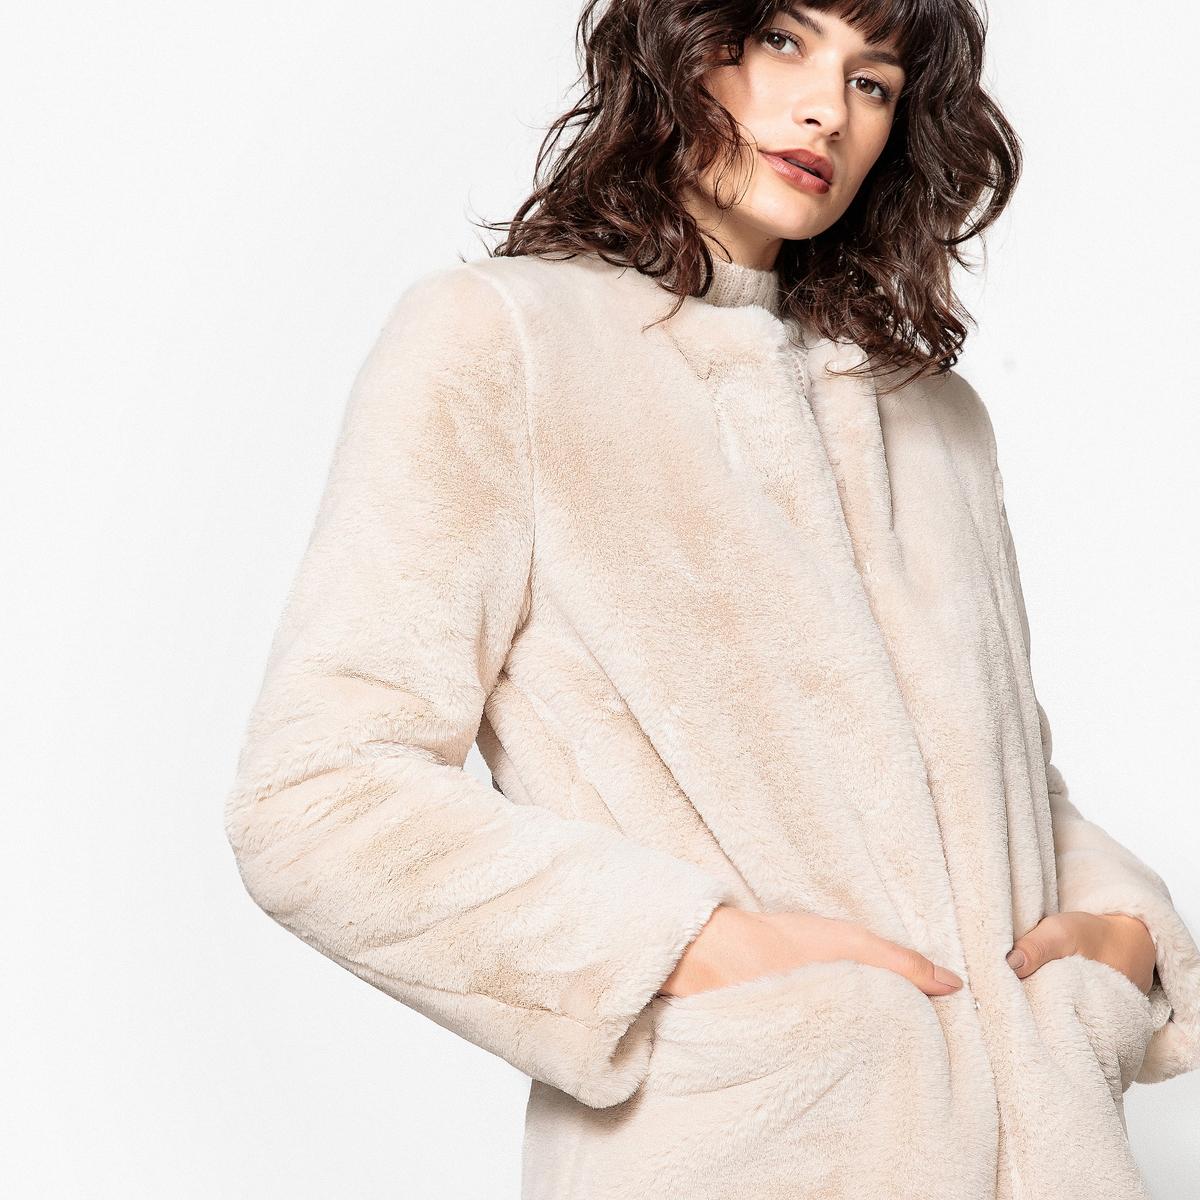 Пальто из искусственного мехаОписание:Симпатичное пальто из очень модного искусственного меха. В этом пальто вам будет тепло этой зимой . Такая модель подойдет к любому образу!Детали •  Длина : средняя •  Без воротника •  Застежка на крючокСостав и уход •  100% полиэстер •  Подкладка : 100% полиэстер •  Температура стирки при 30° на деликатном режиме   •  Сухая чистка и отбеливатели запрещены •  Сушить на горизонтальной поверхности •  Не гладить •  Длина : 92 см<br><br>Цвет: серо-бежевый<br>Размер: 42 (FR) - 48 (RUS).38 (FR) - 44 (RUS)